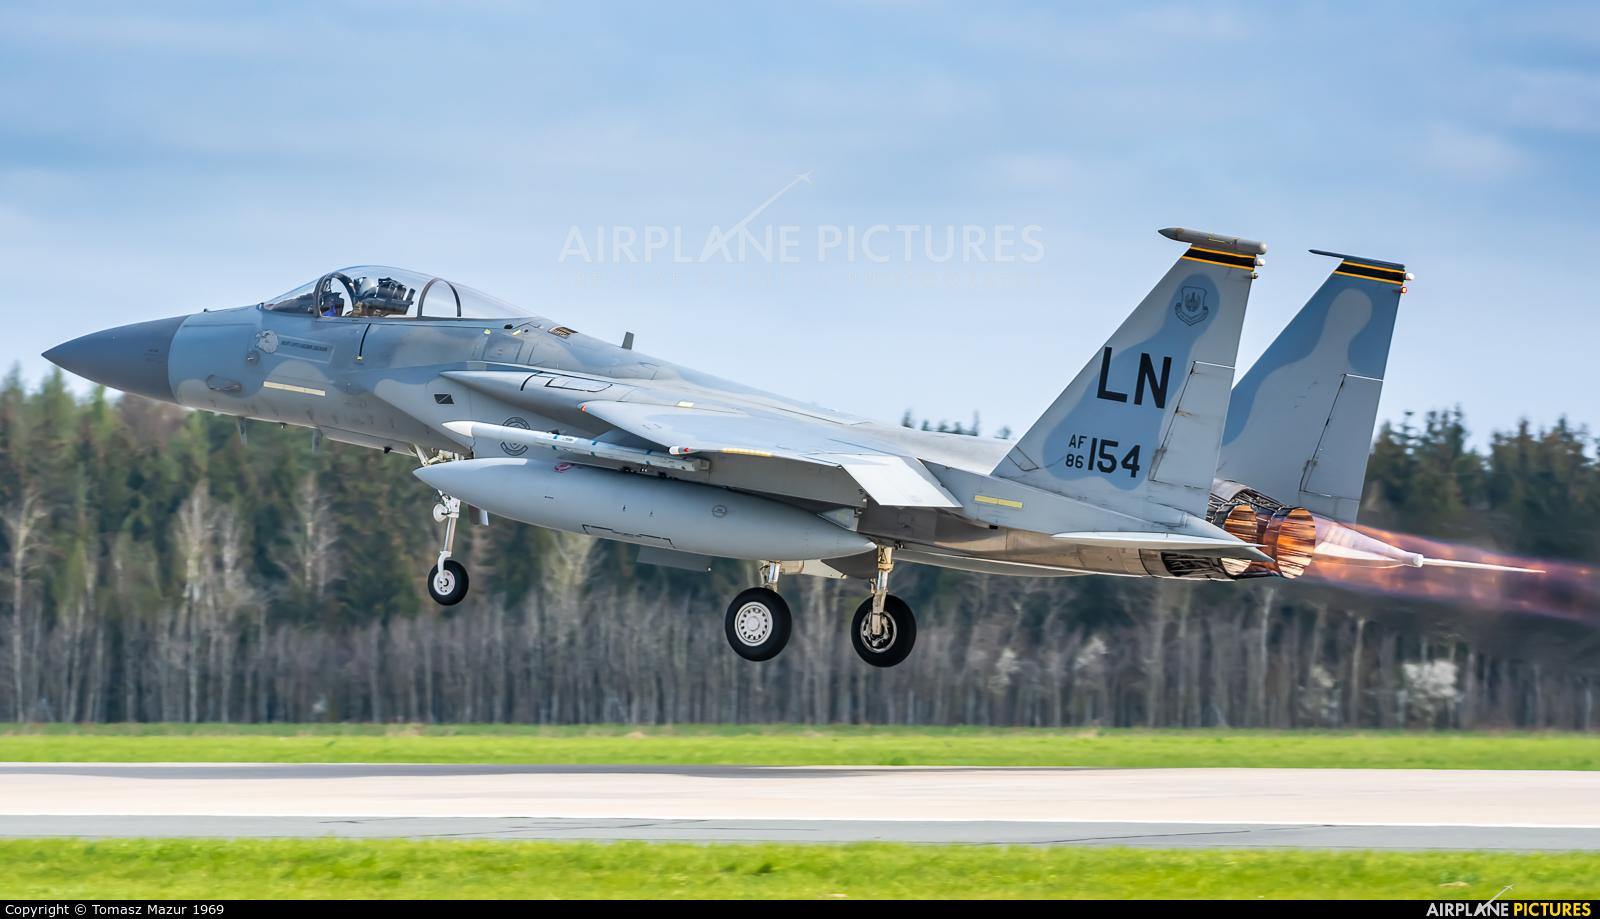 USA - Air Force 86-0154 aircraft at Poznań - Krzesiny